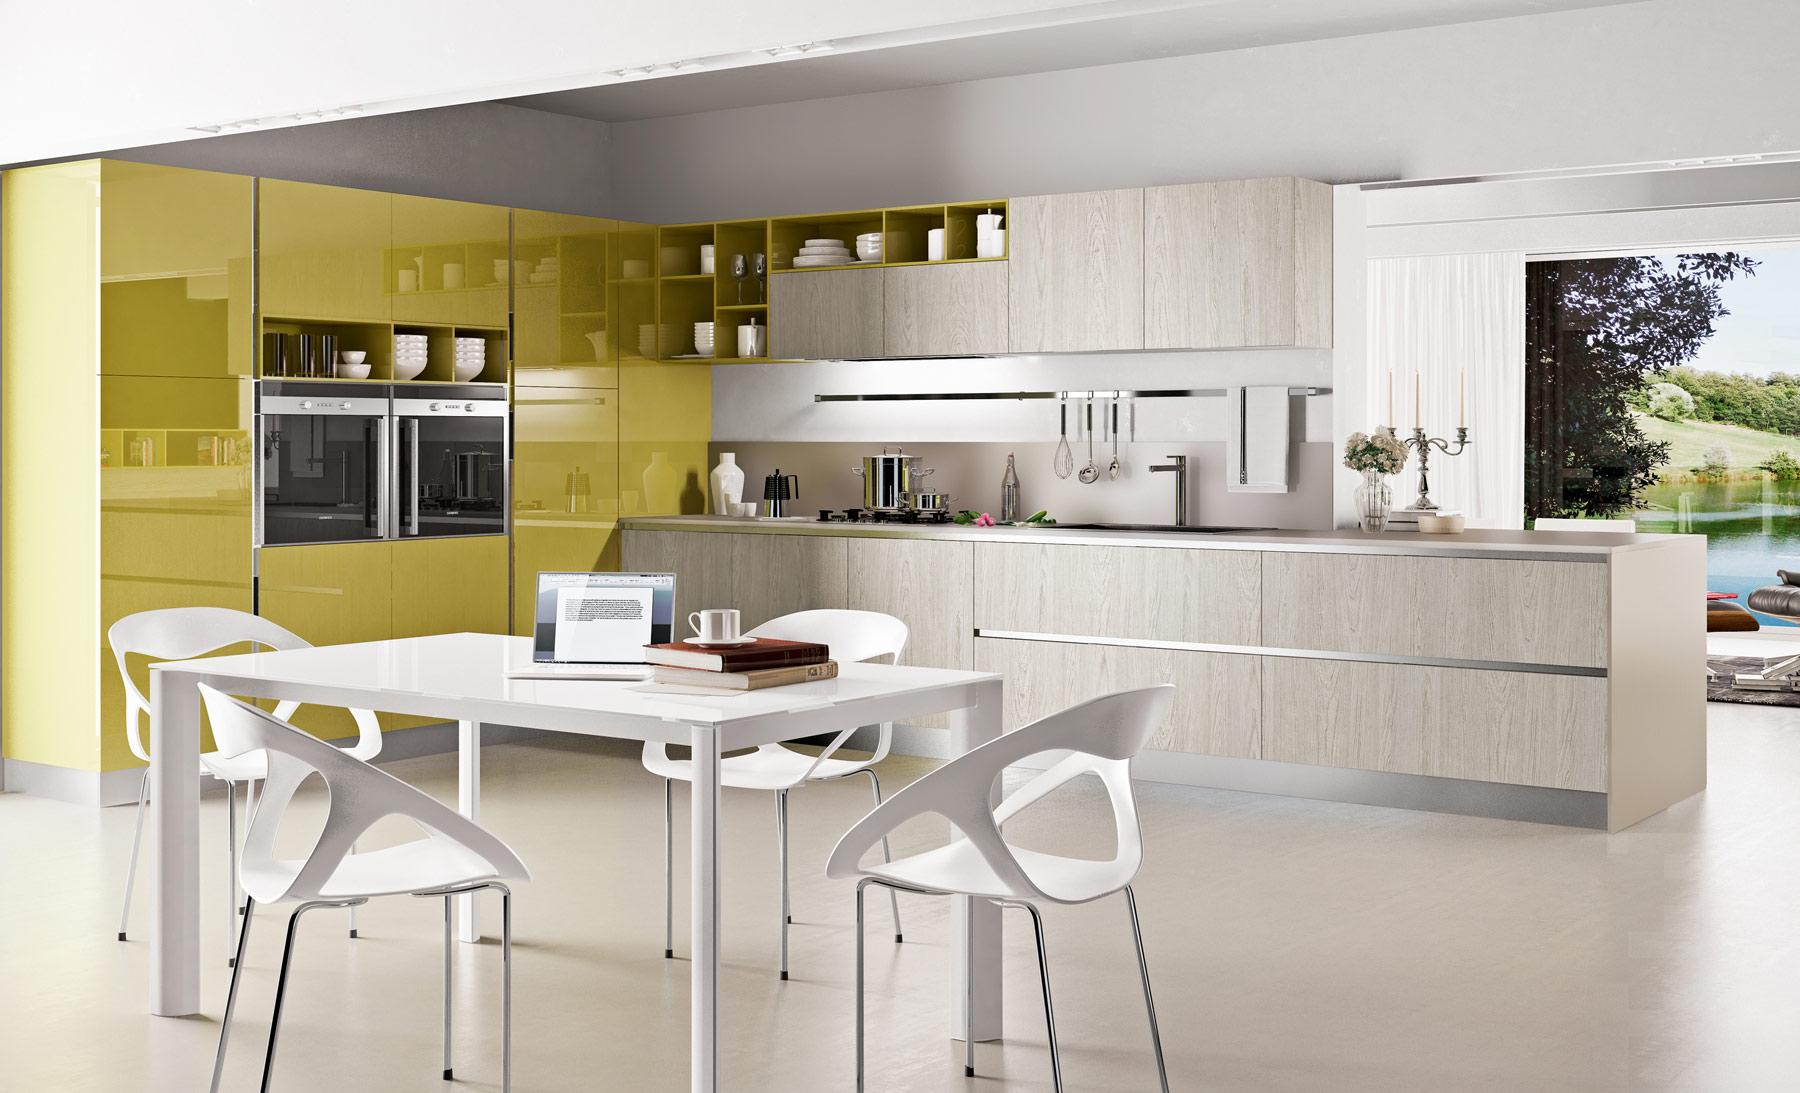 Diseño de cocinas modernas al estilo arte pop | Construye Hogar